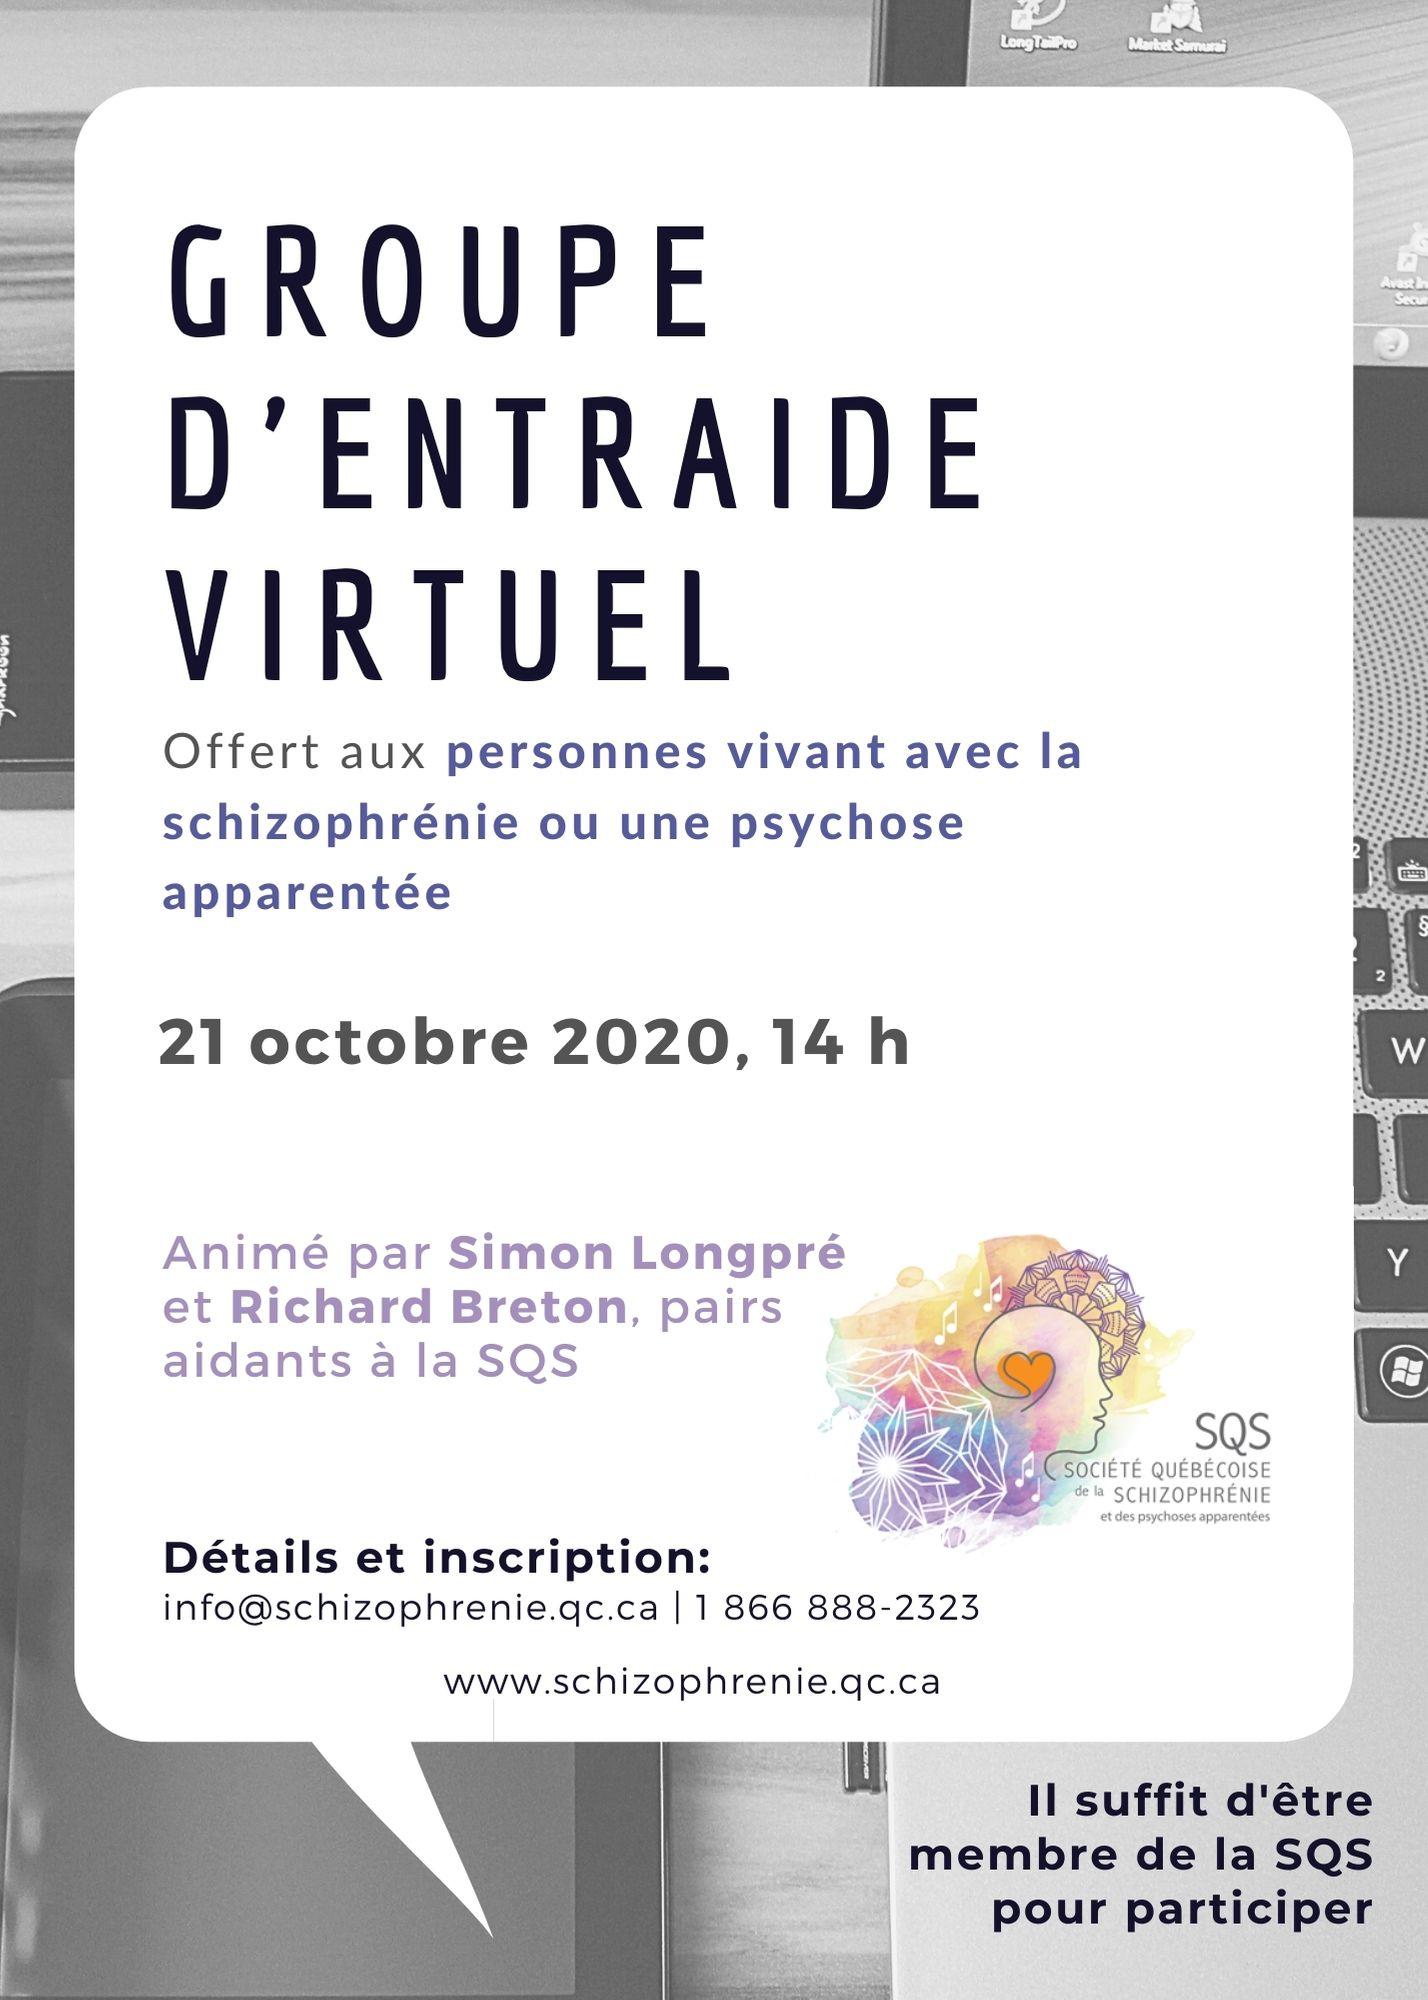 [PERSONNES ATTEINTES] – GROUPE D'ENTRAIDE VIRTUEL DU 21 OCTOBRE 2020